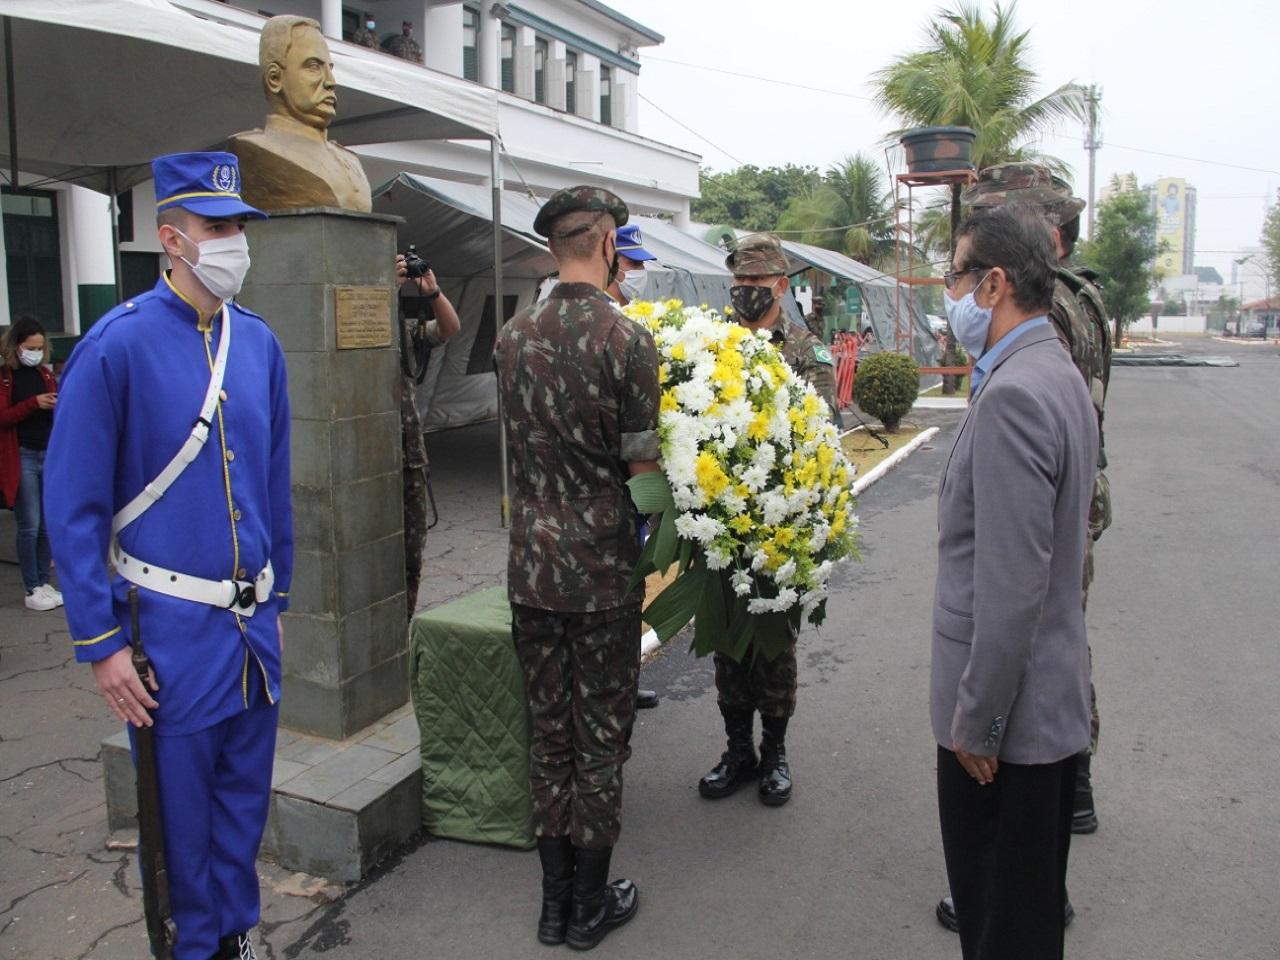 Batalhão Laguna comemora 178 anos de sua criação e o centenário de chegada em Cuiabá (MT)